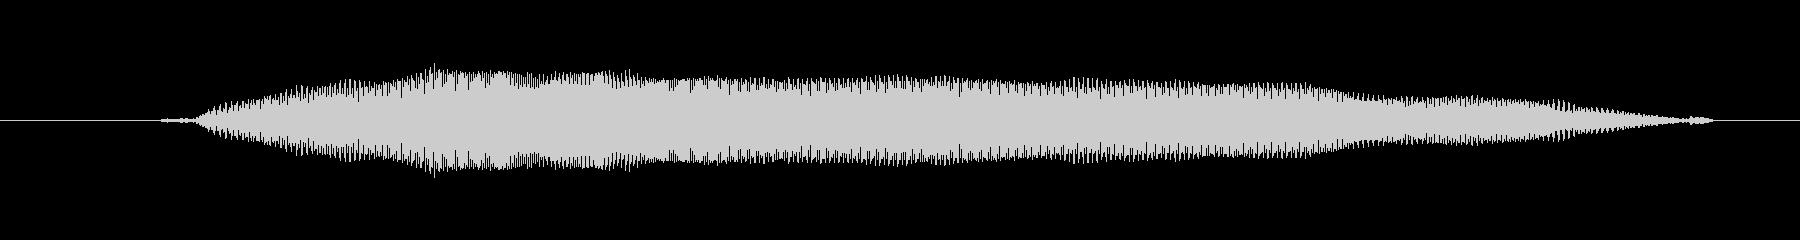 鳴き声 リトルガールドリーミー02の未再生の波形